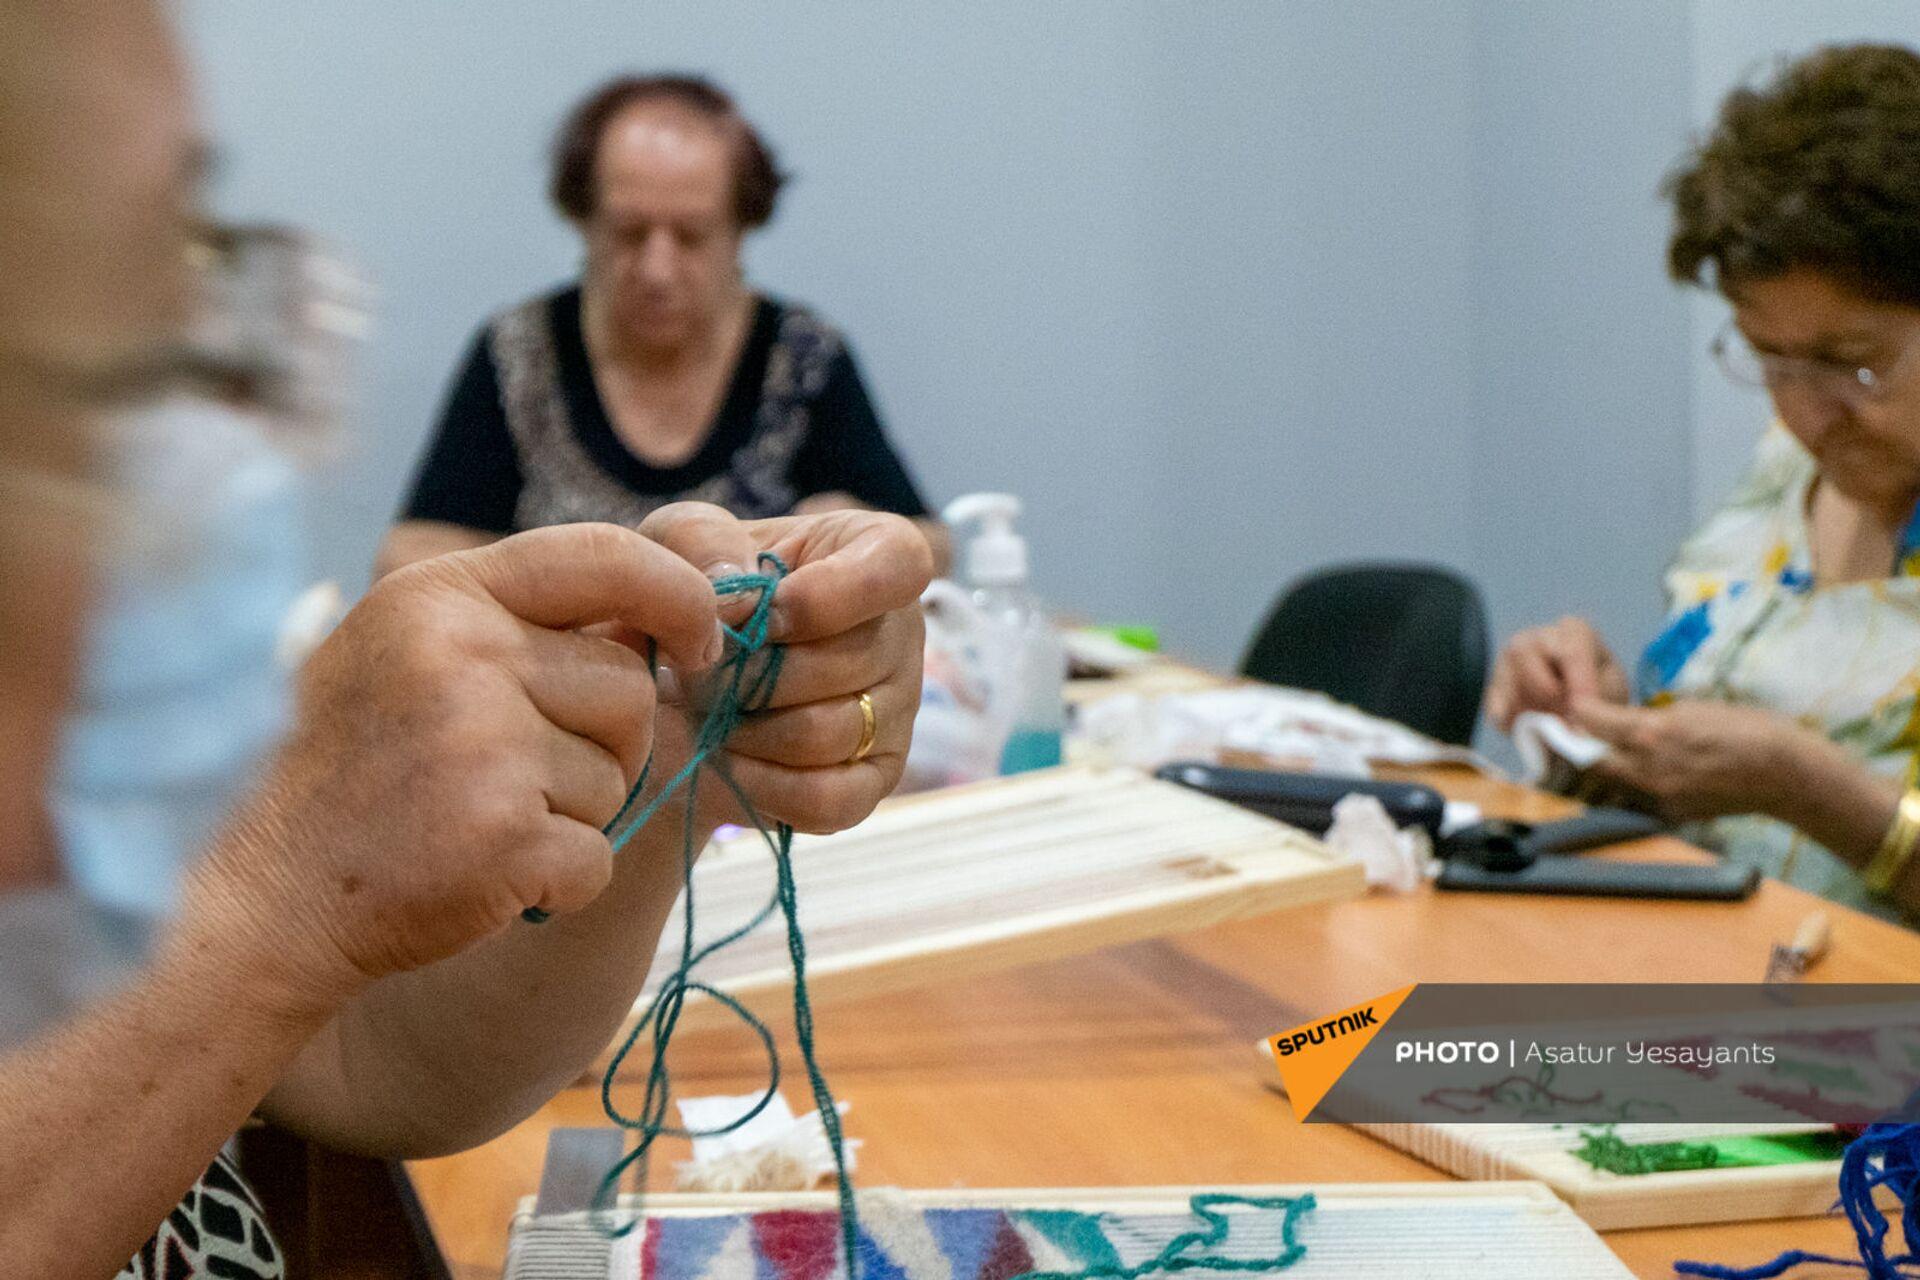 Подопечные Центра обеспечения здоровья и ухода пожилых людей в творческом процессе - Sputnik Արմենիա, 1920, 14.09.2021